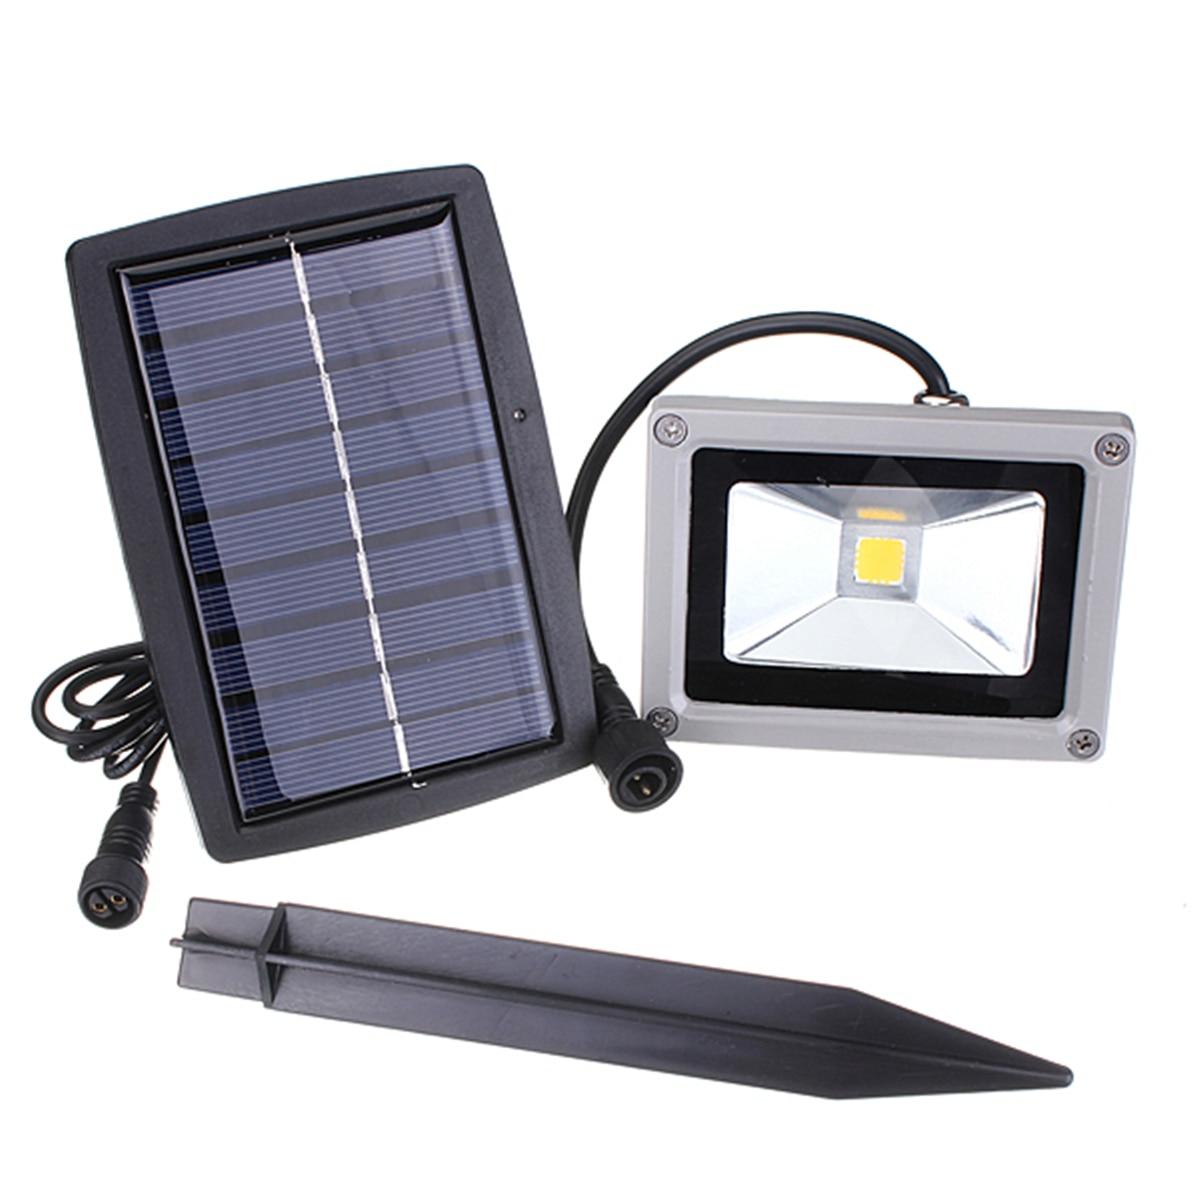 Versprechende Solar Flutlicht 10 watt Solar Licht LED Flutlicht Nacht Licht Garten Scheinwerfer Wasserdichte Outdoor Lampe